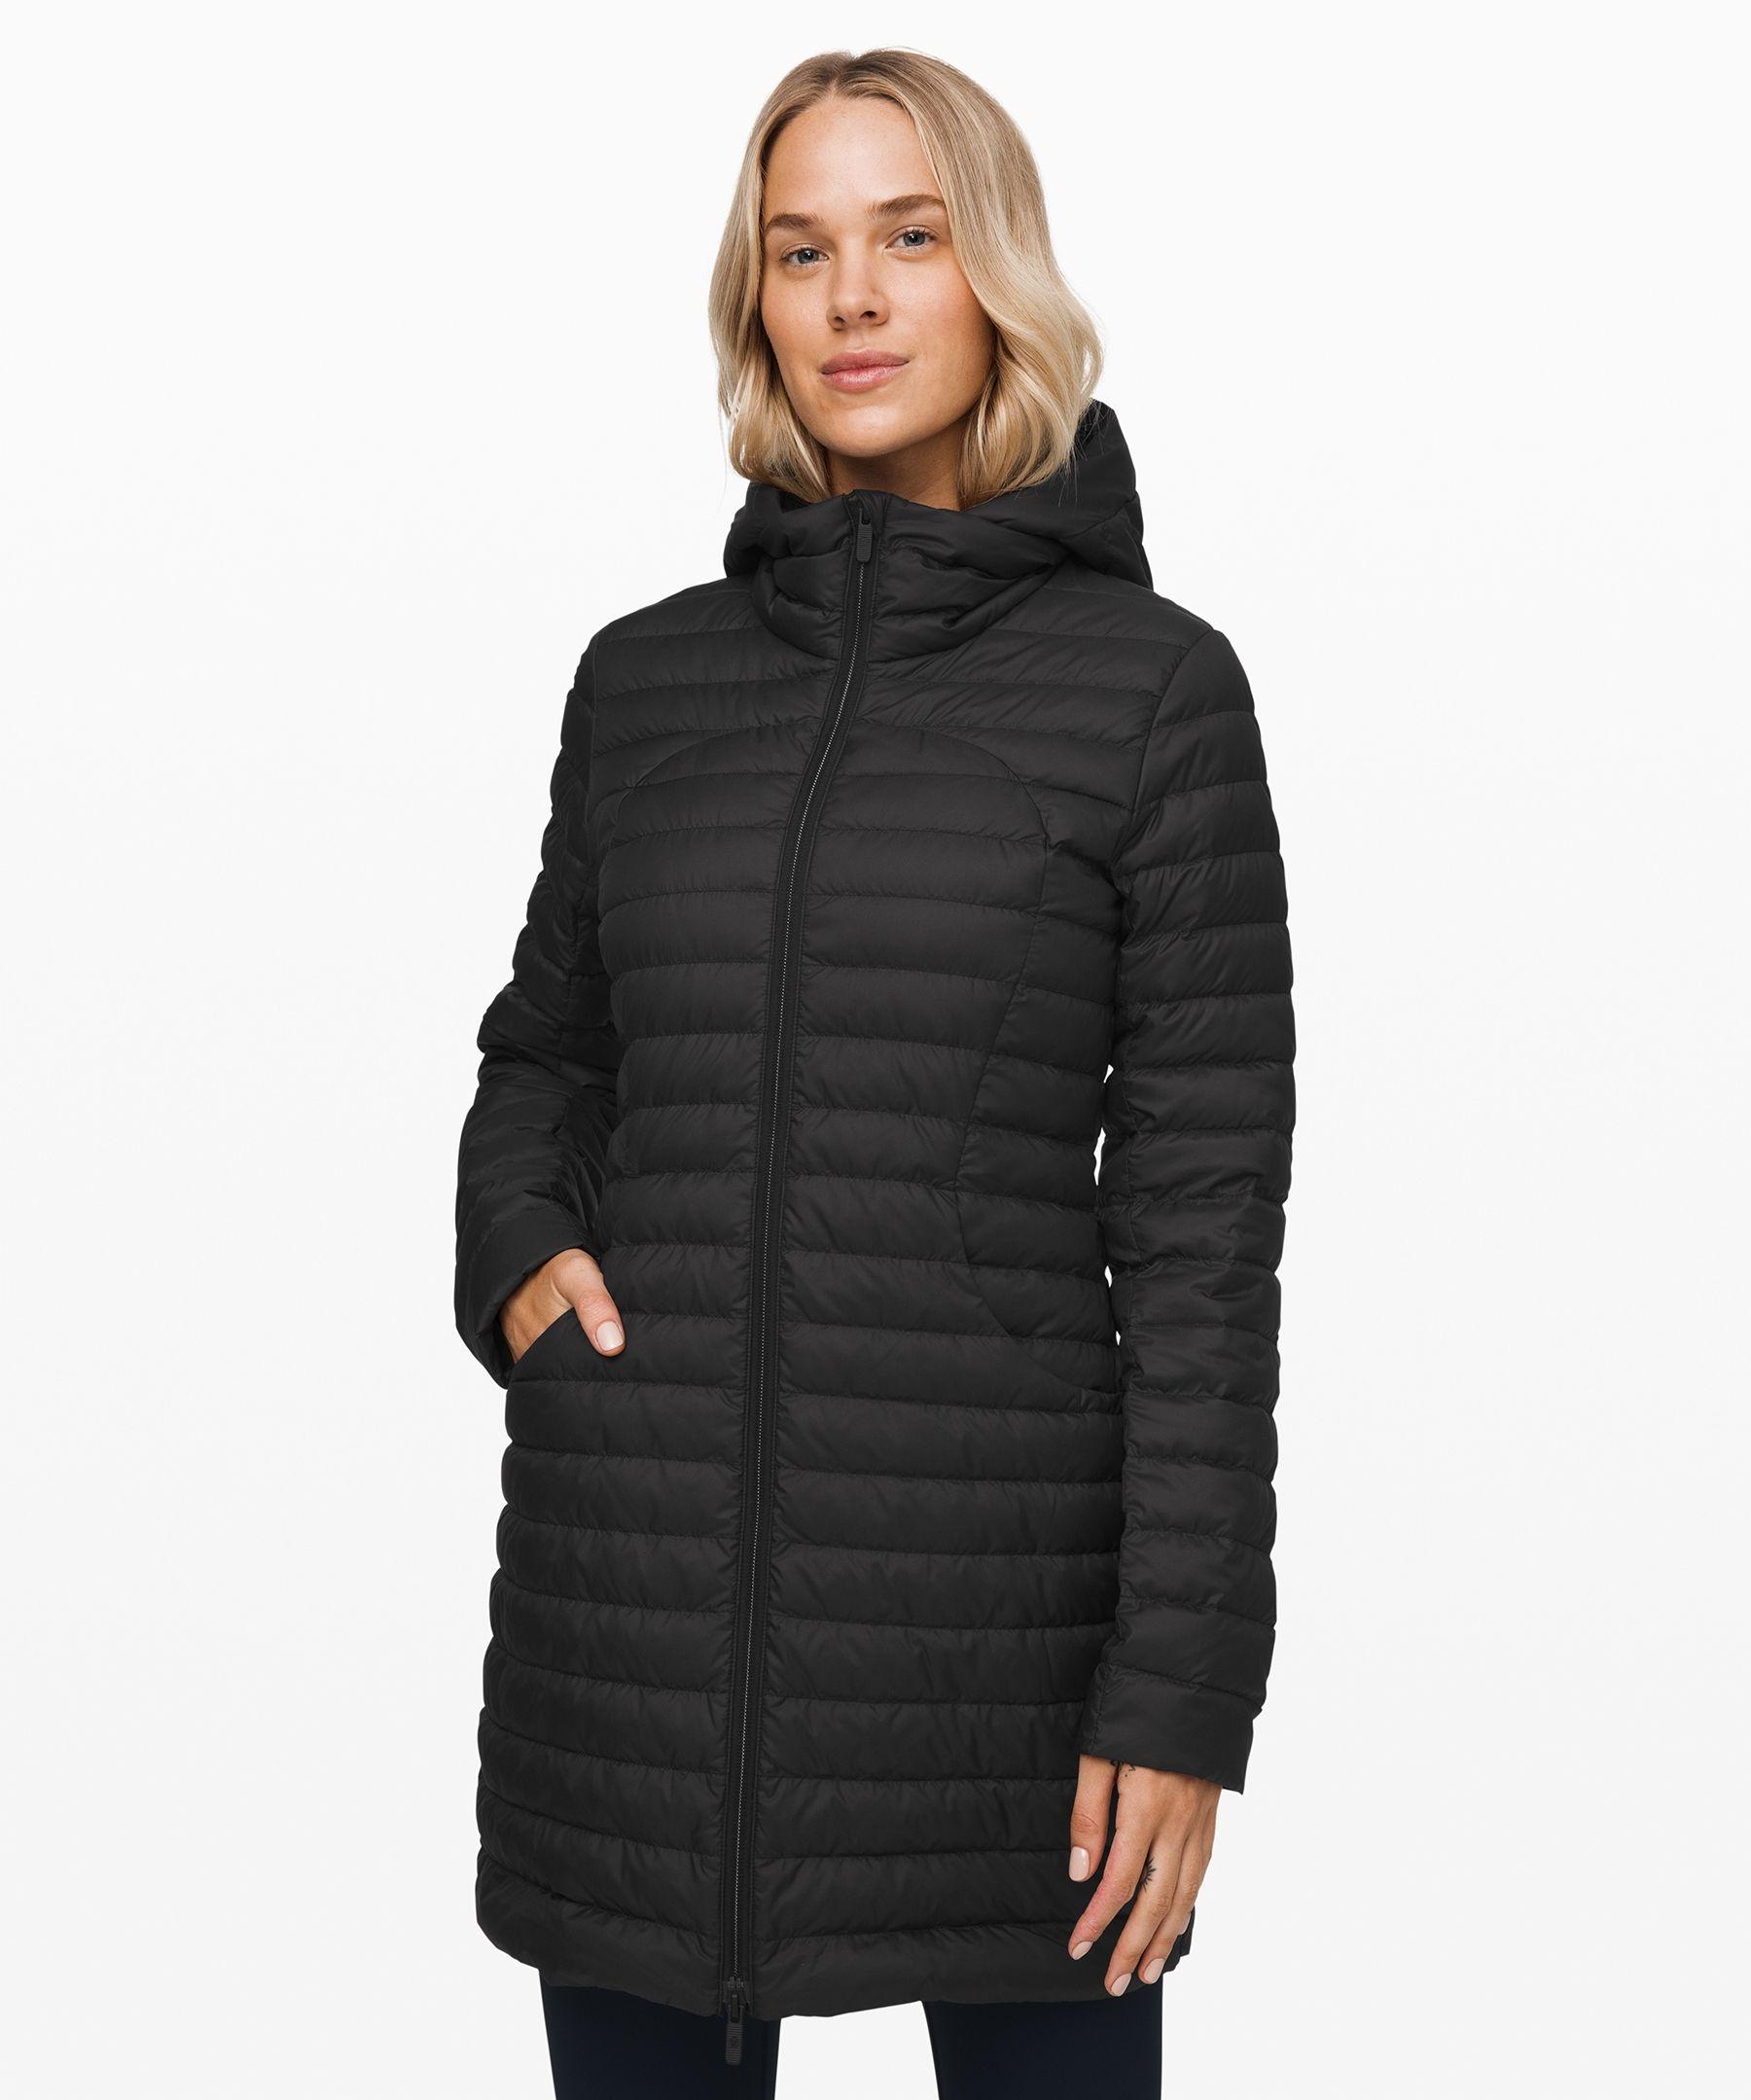 Pack It Down Jacket Long Women S Jackets Coats Lululemon Long Jackets For Women Coats Jackets Women Jackets For Women [ 2159 x 1800 Pixel ]